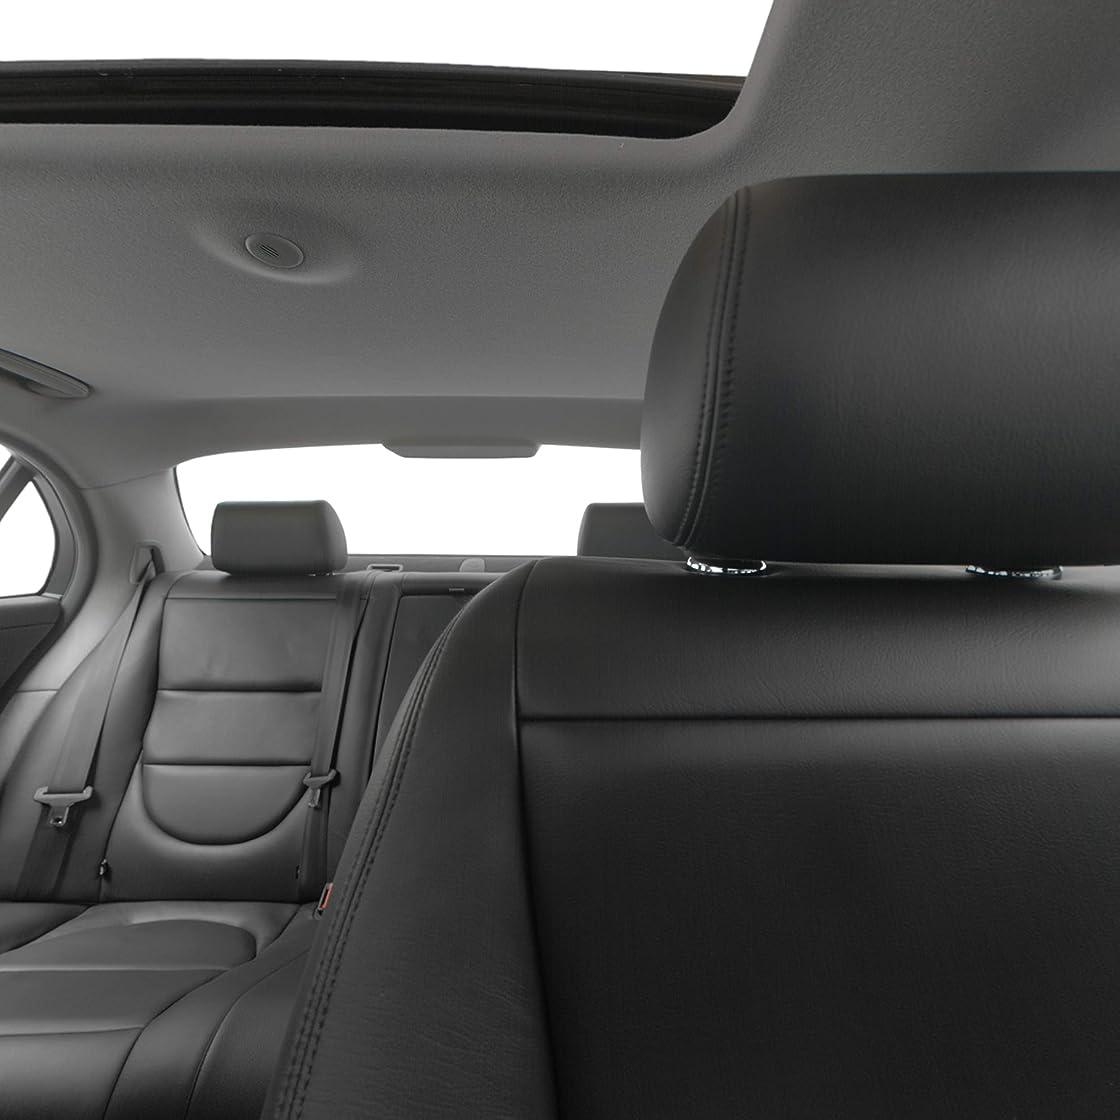 Amazon com: 2004 Jaguar XJ8 Reviews, Images, and Specs: Vehicles